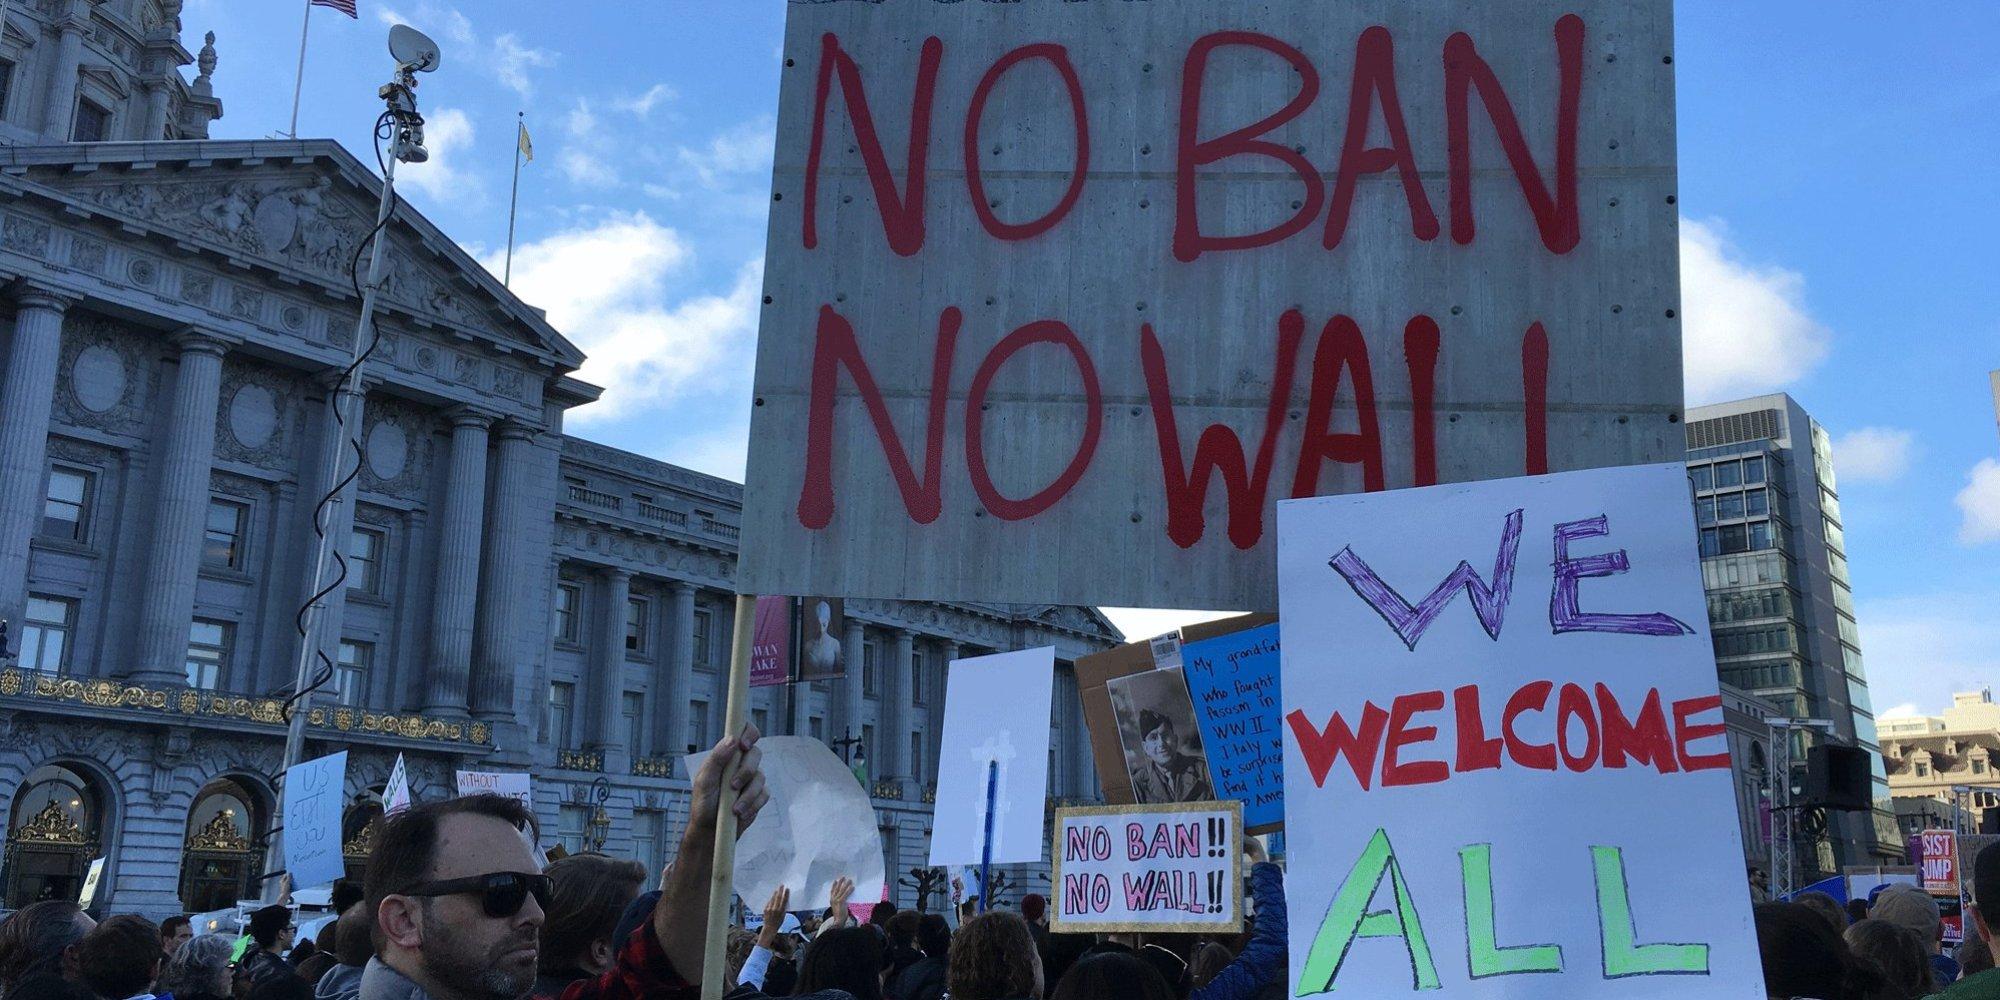 L'Adan retentit à San Francisco pour dénoncer le «MuslimBan» de Trump